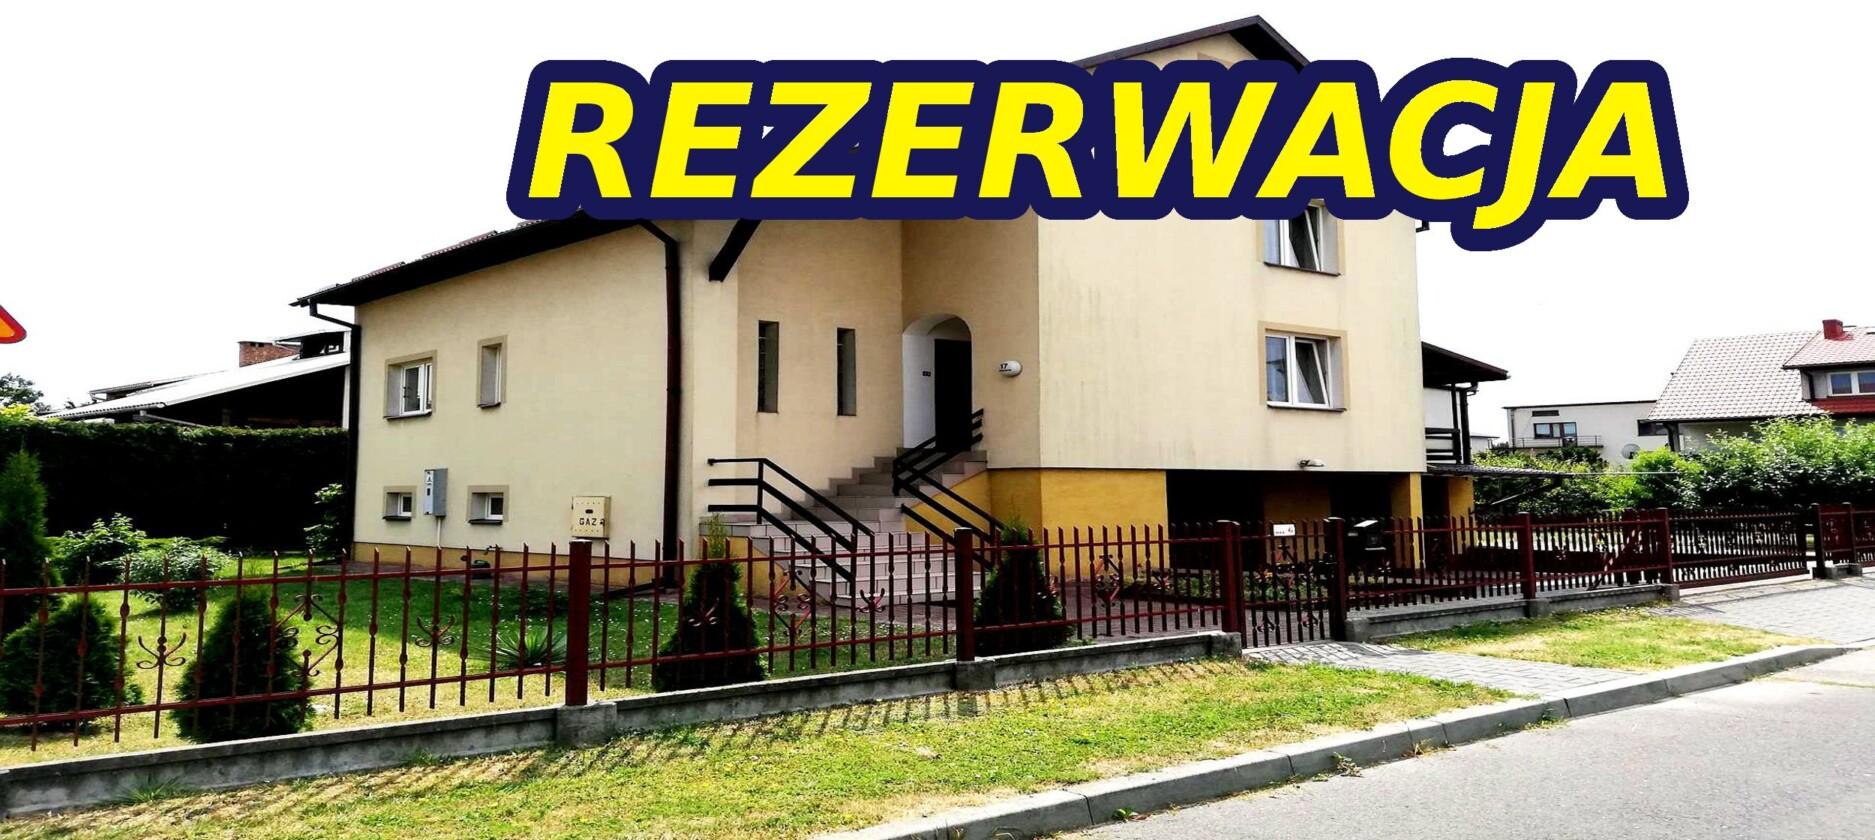 dav - Nieruchomości Krzysztof Górski Zamość, biuro nieruchomości, domy, mieszkania, działki, lokale, sprzedaż nieruchomości, wynajem nieruchomości